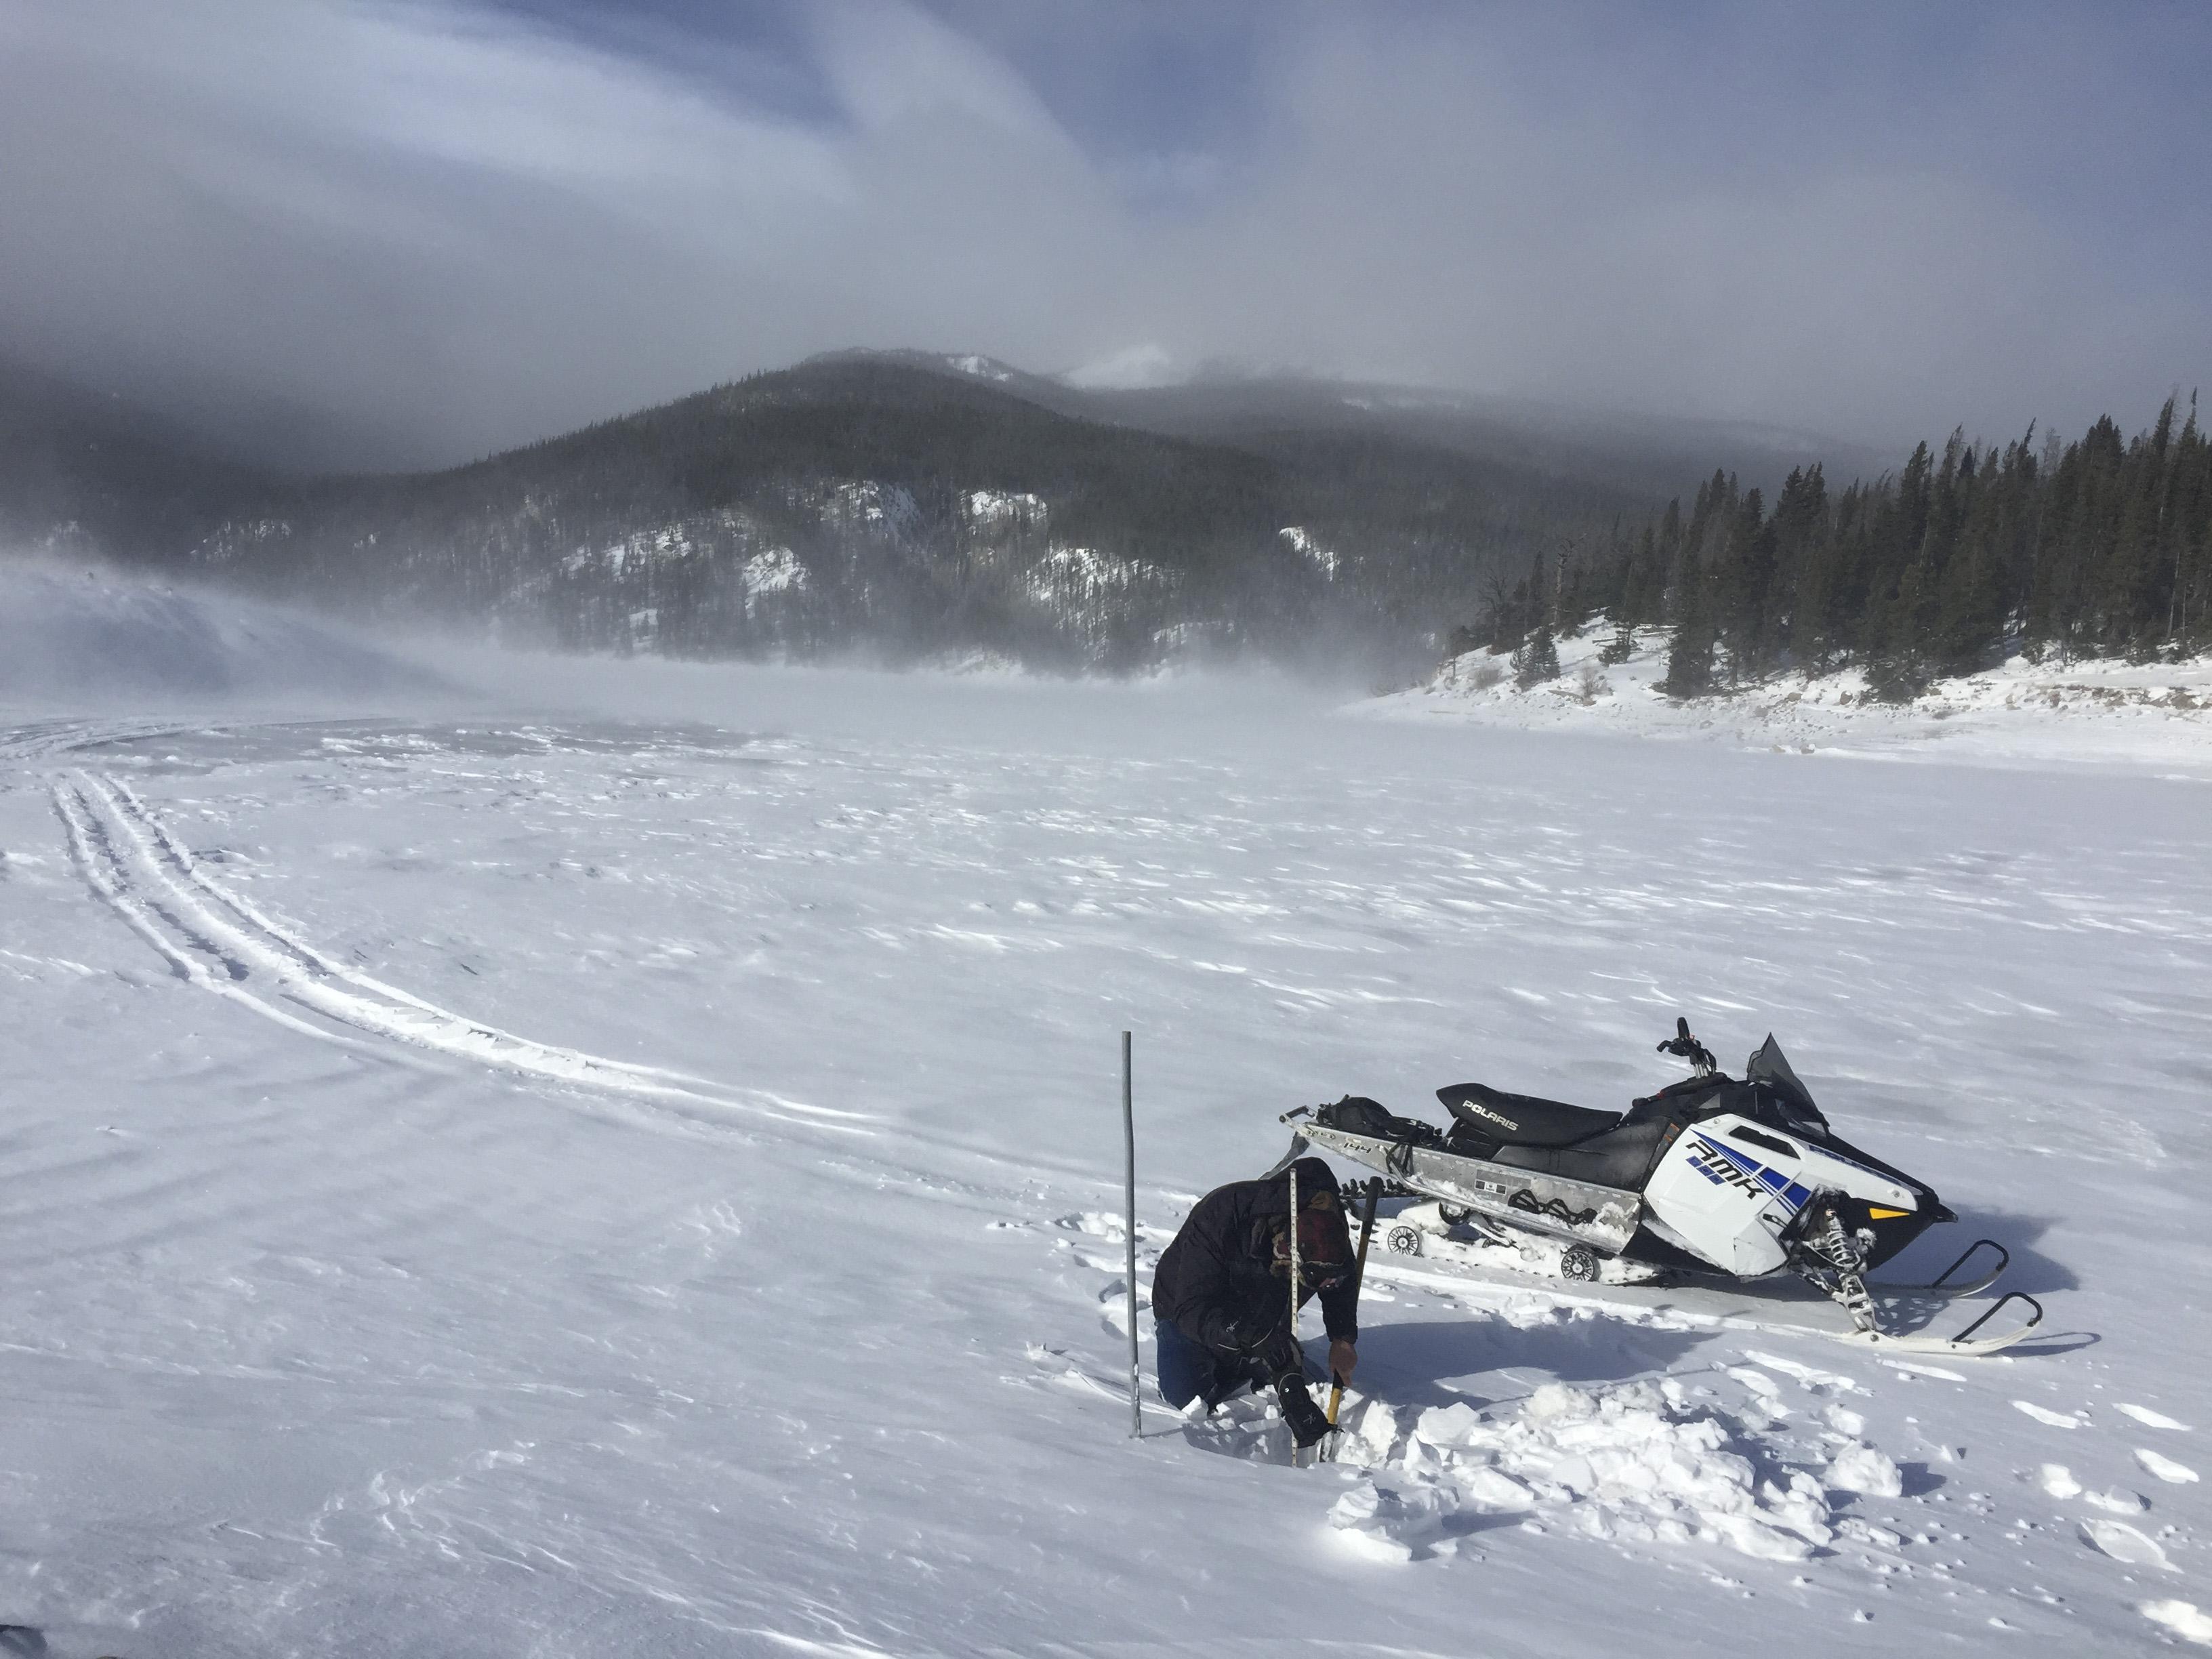 Photo: Reservoir caretaker 2 | Doug Billingsley at Chambers Lake